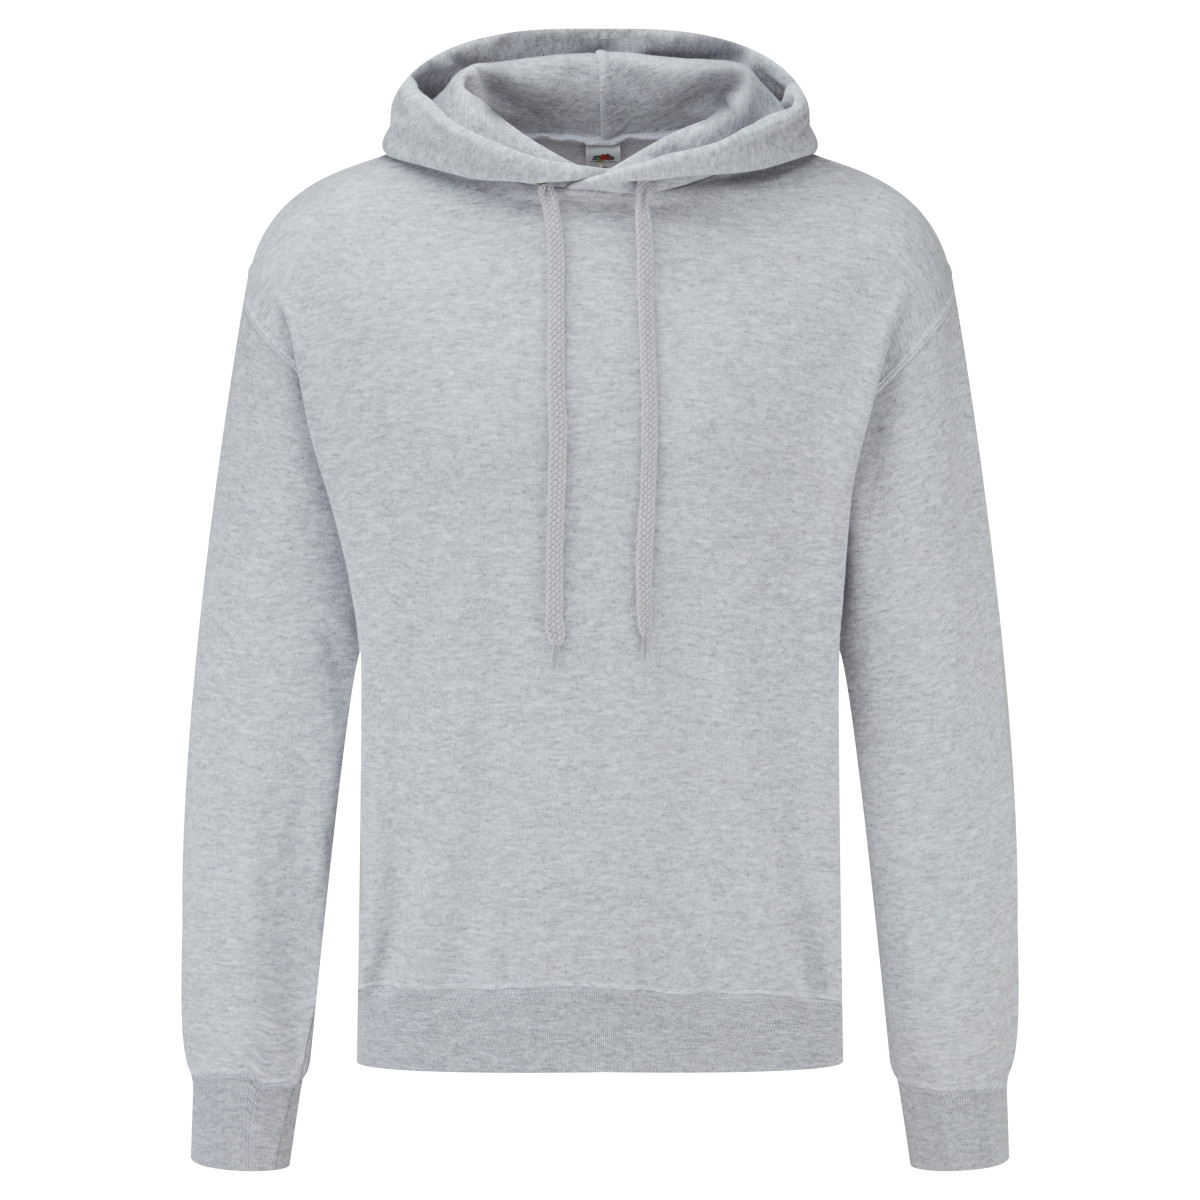 FOTL Classic Hooded Basic Sweat